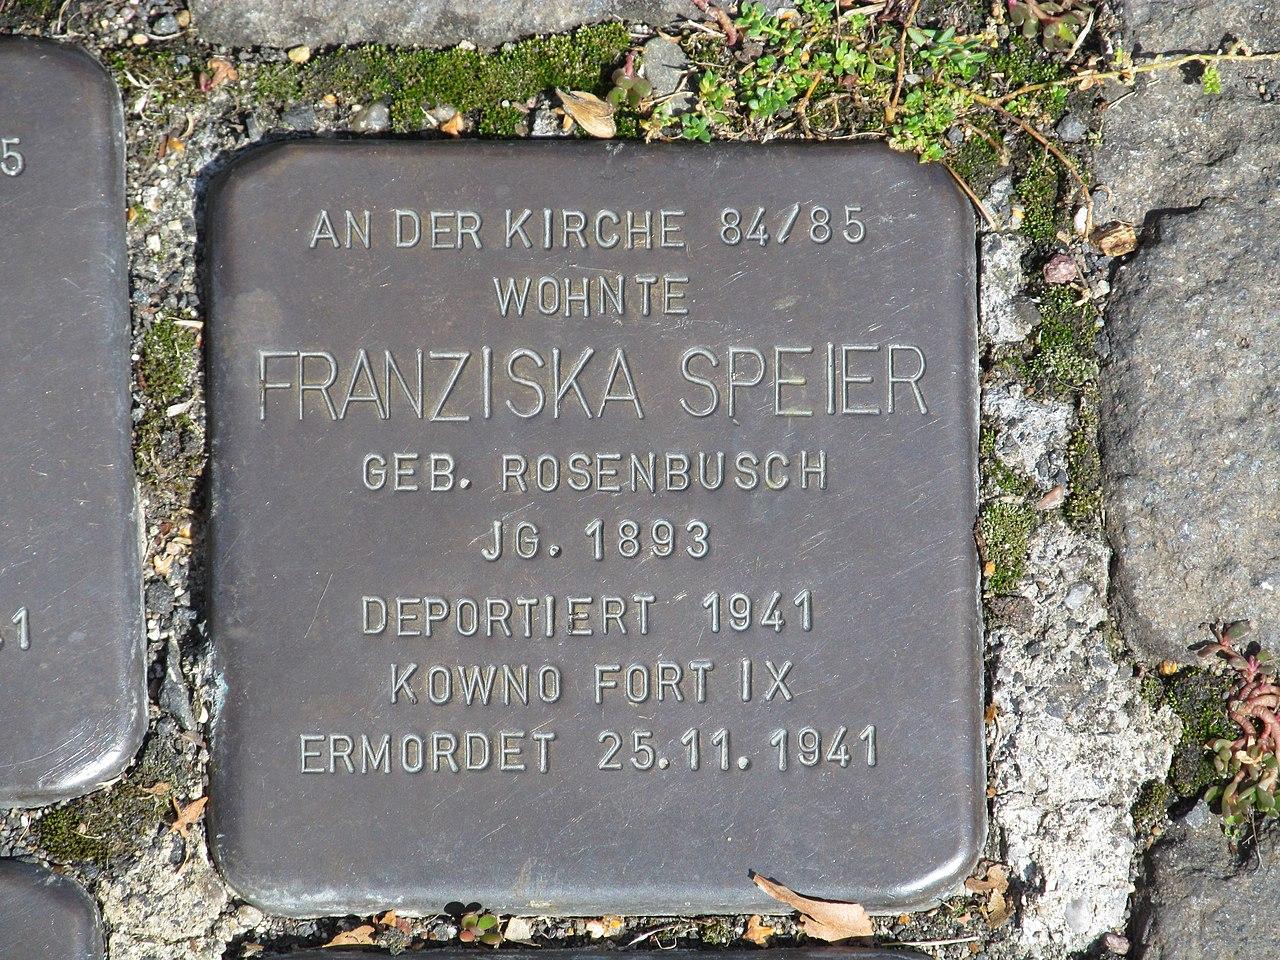 Stolperstein Franziska Speier, 1, Bahnhofstraße 110, Borken, Schwalm-Eder-Kreis.jpg